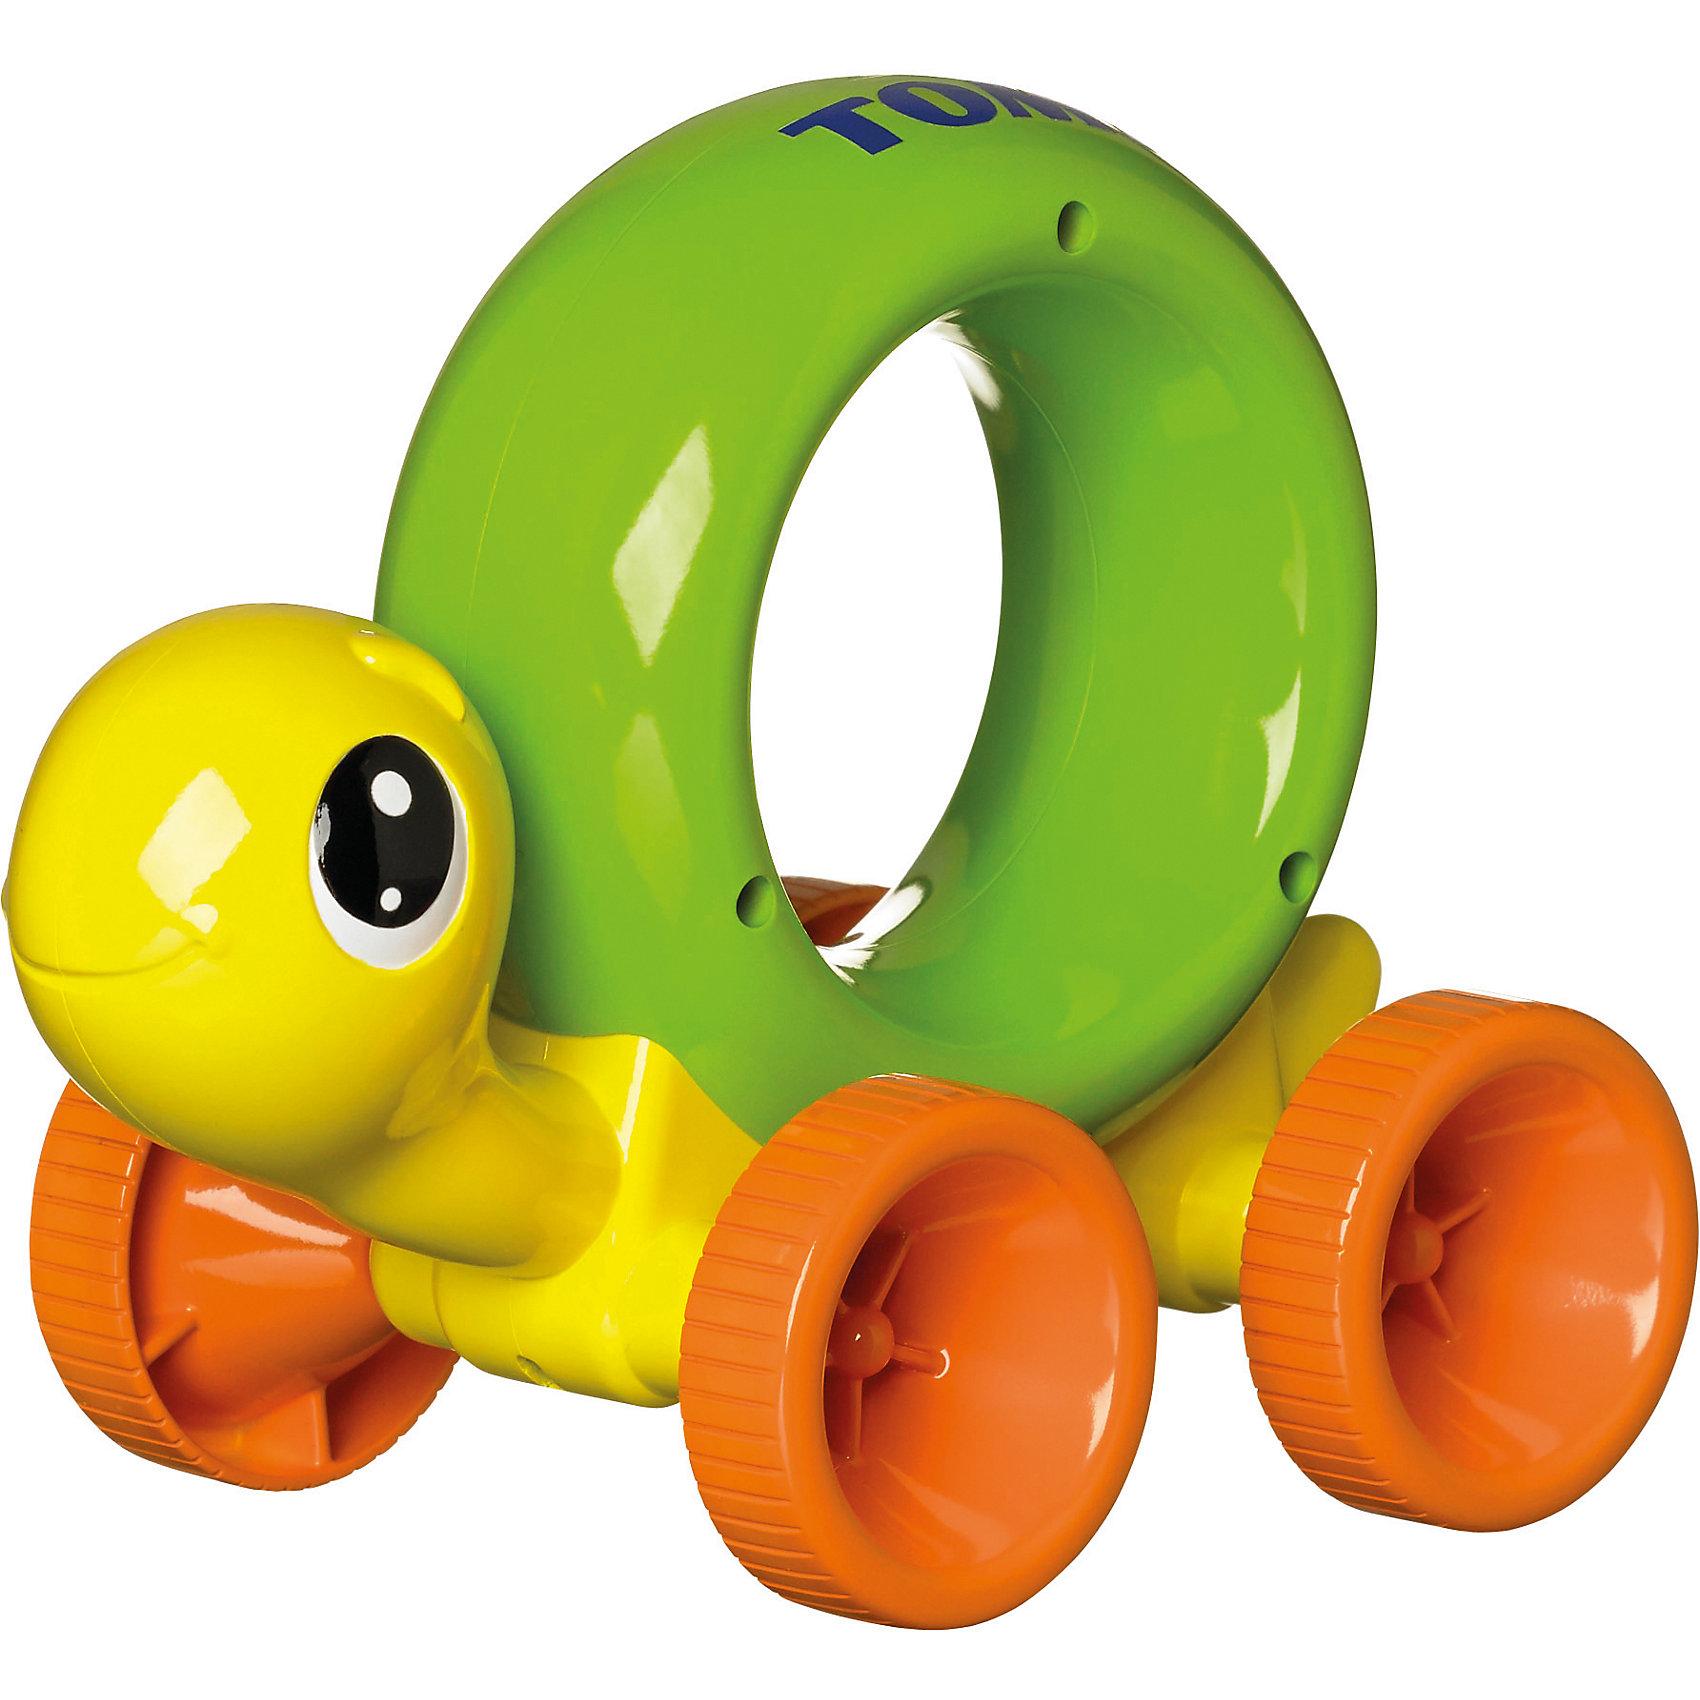 Игрушка Нажимай и Играй - Черепашка, TOMYМашинки-каталки<br>Эта забавная черепашка поможет вашему малышу научиться быстро ползать, порадует его яркой расцветкой, подарит хорошее настроение. Игрушка изготовлена из гипоаллергенного материала, не имеет острых углов, абсолютно безопасна для ребенка. Панцирь черепашки выполнен в виде кольца, за которое очень удобно держаться маленькой детской ручкой. Малыш будет катить черепашку впереди себя, нажимая на панцирь, игрушка начнет ускоряться - кроха будет ползти за ней. <br><br>Дополнительная информация:<br><br>- Материал: пластик.<br>- Высота: 17х11х14 см.<br>- Цвет: желтый, оранжевый, светло-зеленый.<br><br>Игрушку Нажимай и Играй - Черепашка, TOMY (Томи) можно купить в нашем магазине.<br><br>Ширина мм: 210<br>Глубина мм: 125<br>Высота мм: 160<br>Вес г: 360<br>Возраст от месяцев: 9<br>Возраст до месяцев: 36<br>Пол: Унисекс<br>Возраст: Детский<br>SKU: 3922278